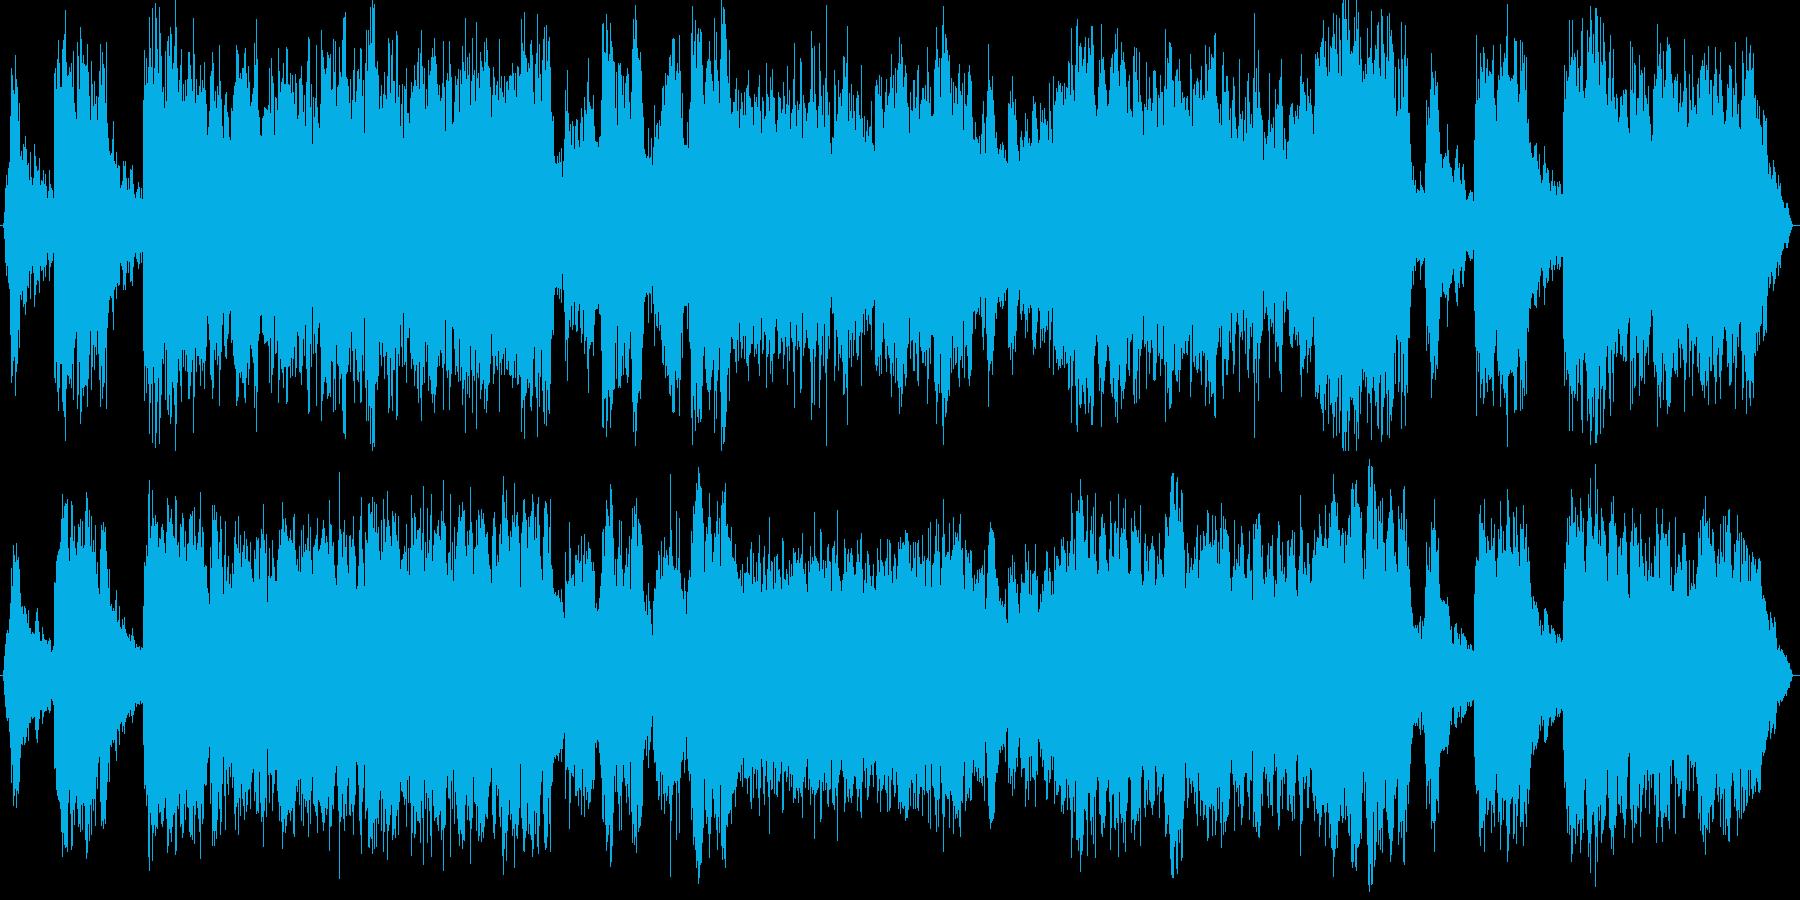 荒々しくも壮大なオーケストラ風の楽曲の再生済みの波形